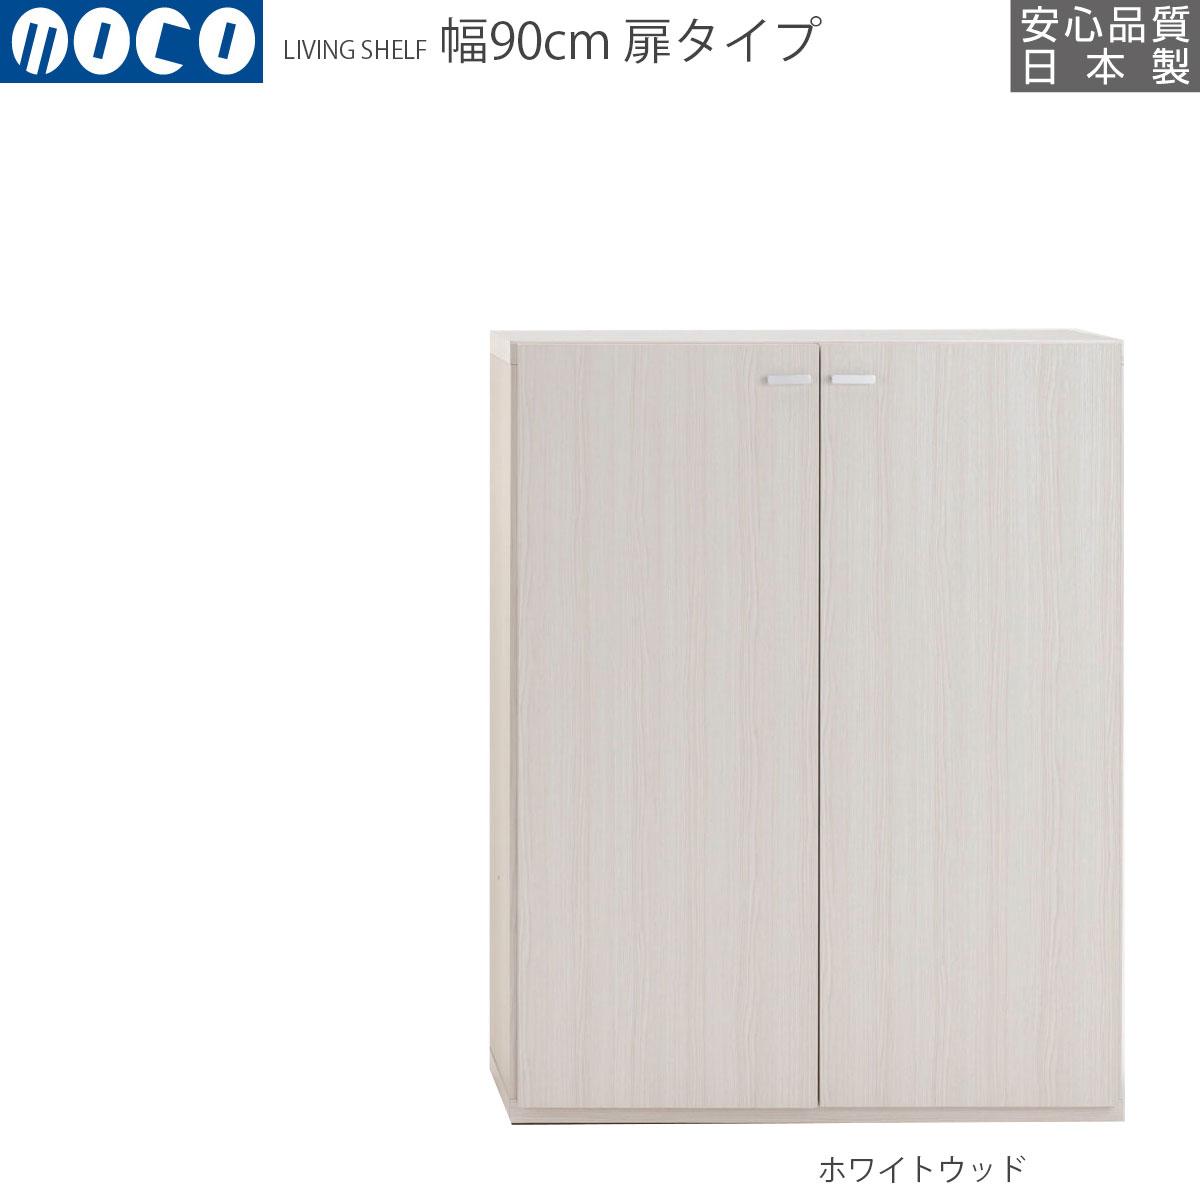 フナモコ 本棚 完成品 リビングシェルフ 扉付き 幅90×高さ113.8cm ホワイトウッド KFS-90 日本製 国産